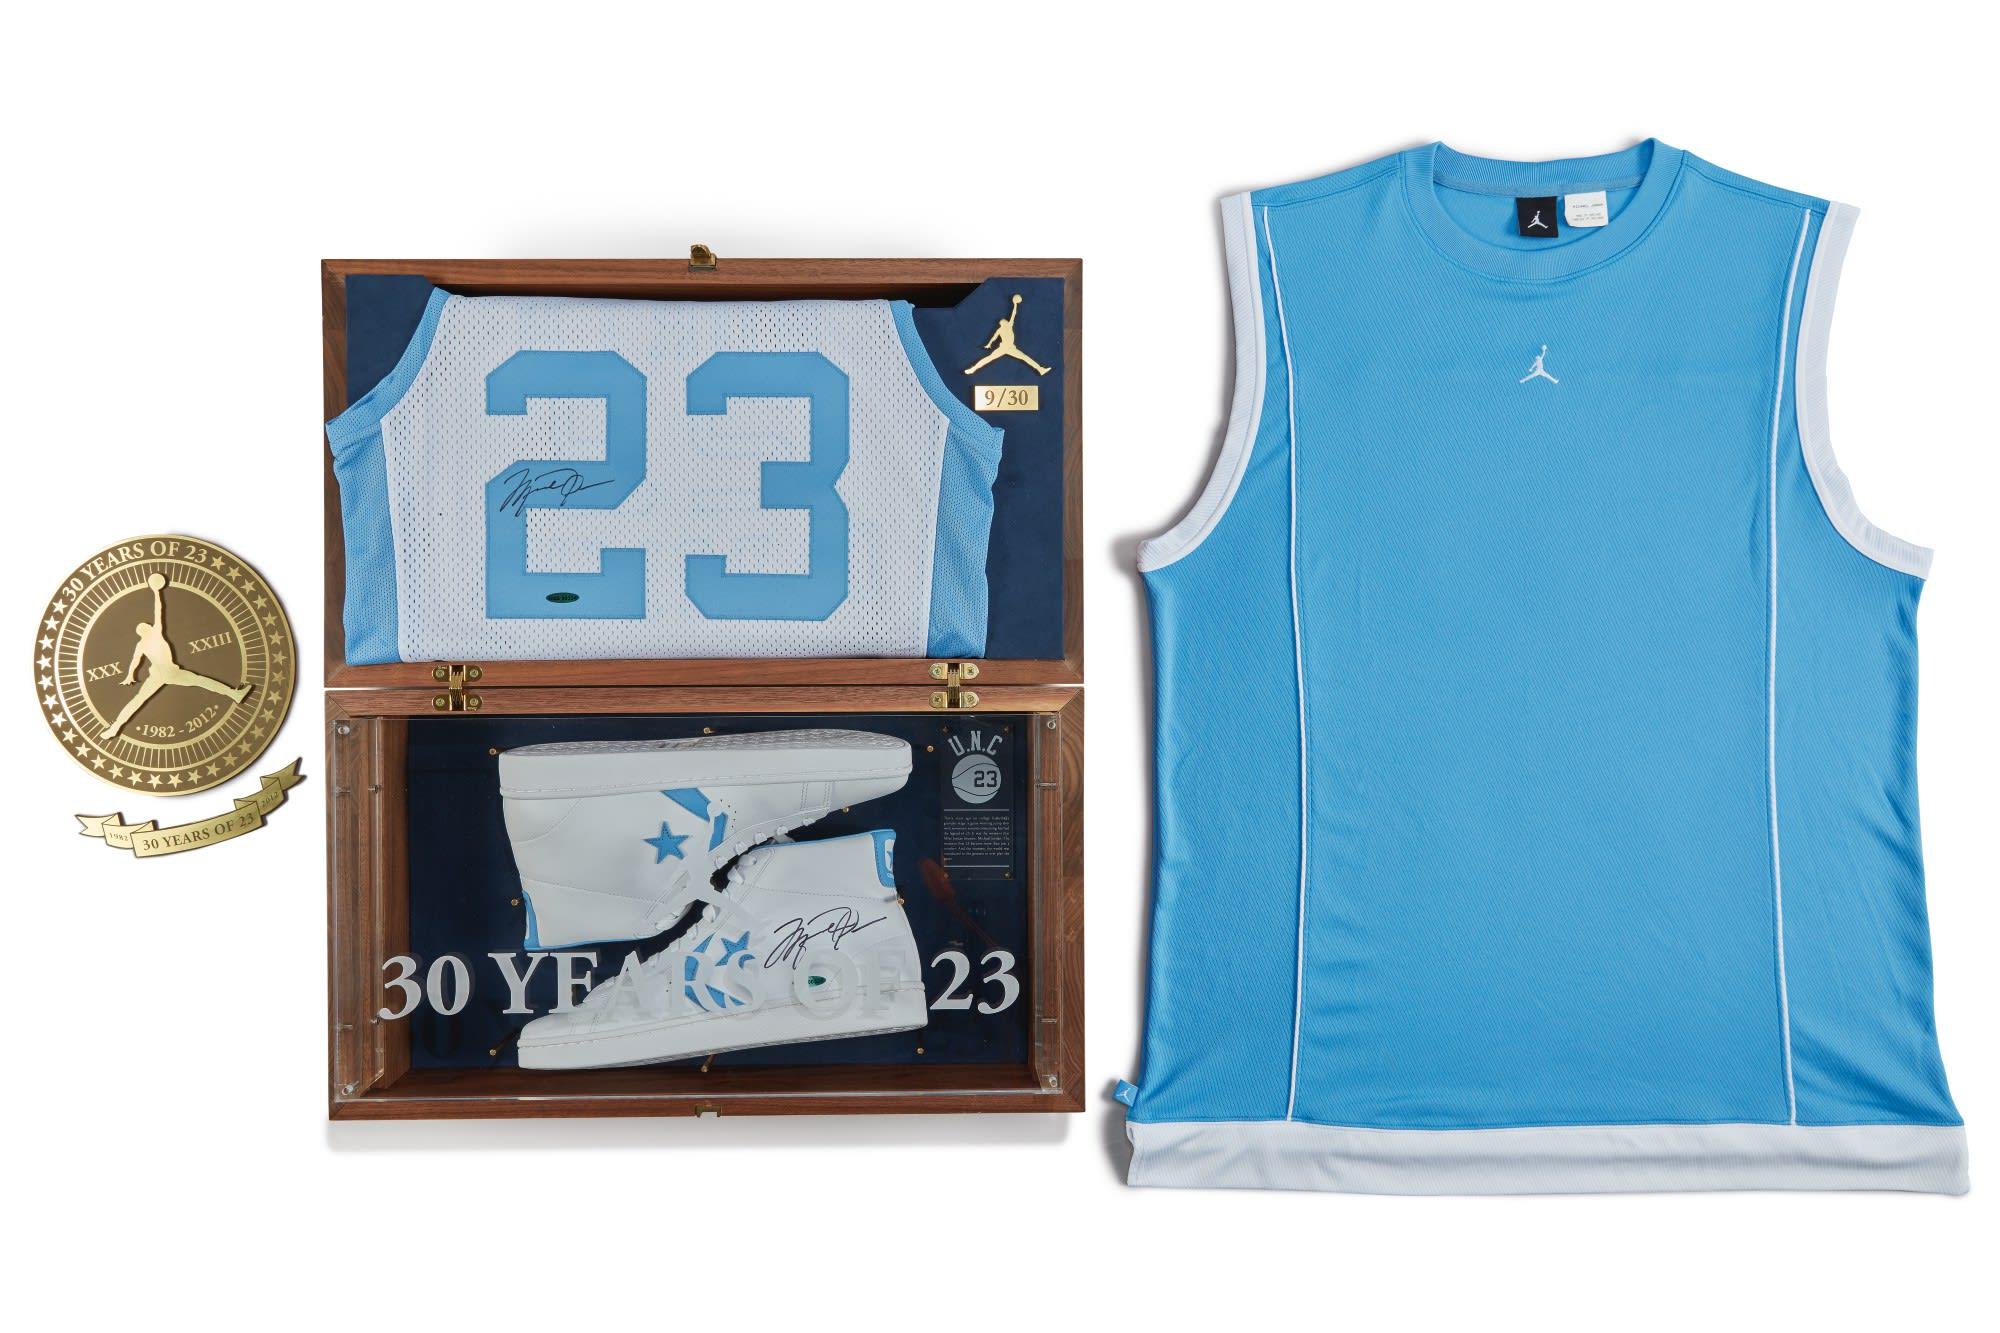 Jordan Brand x Converse 'UNC' Pack 2012 Sotheby's Auction